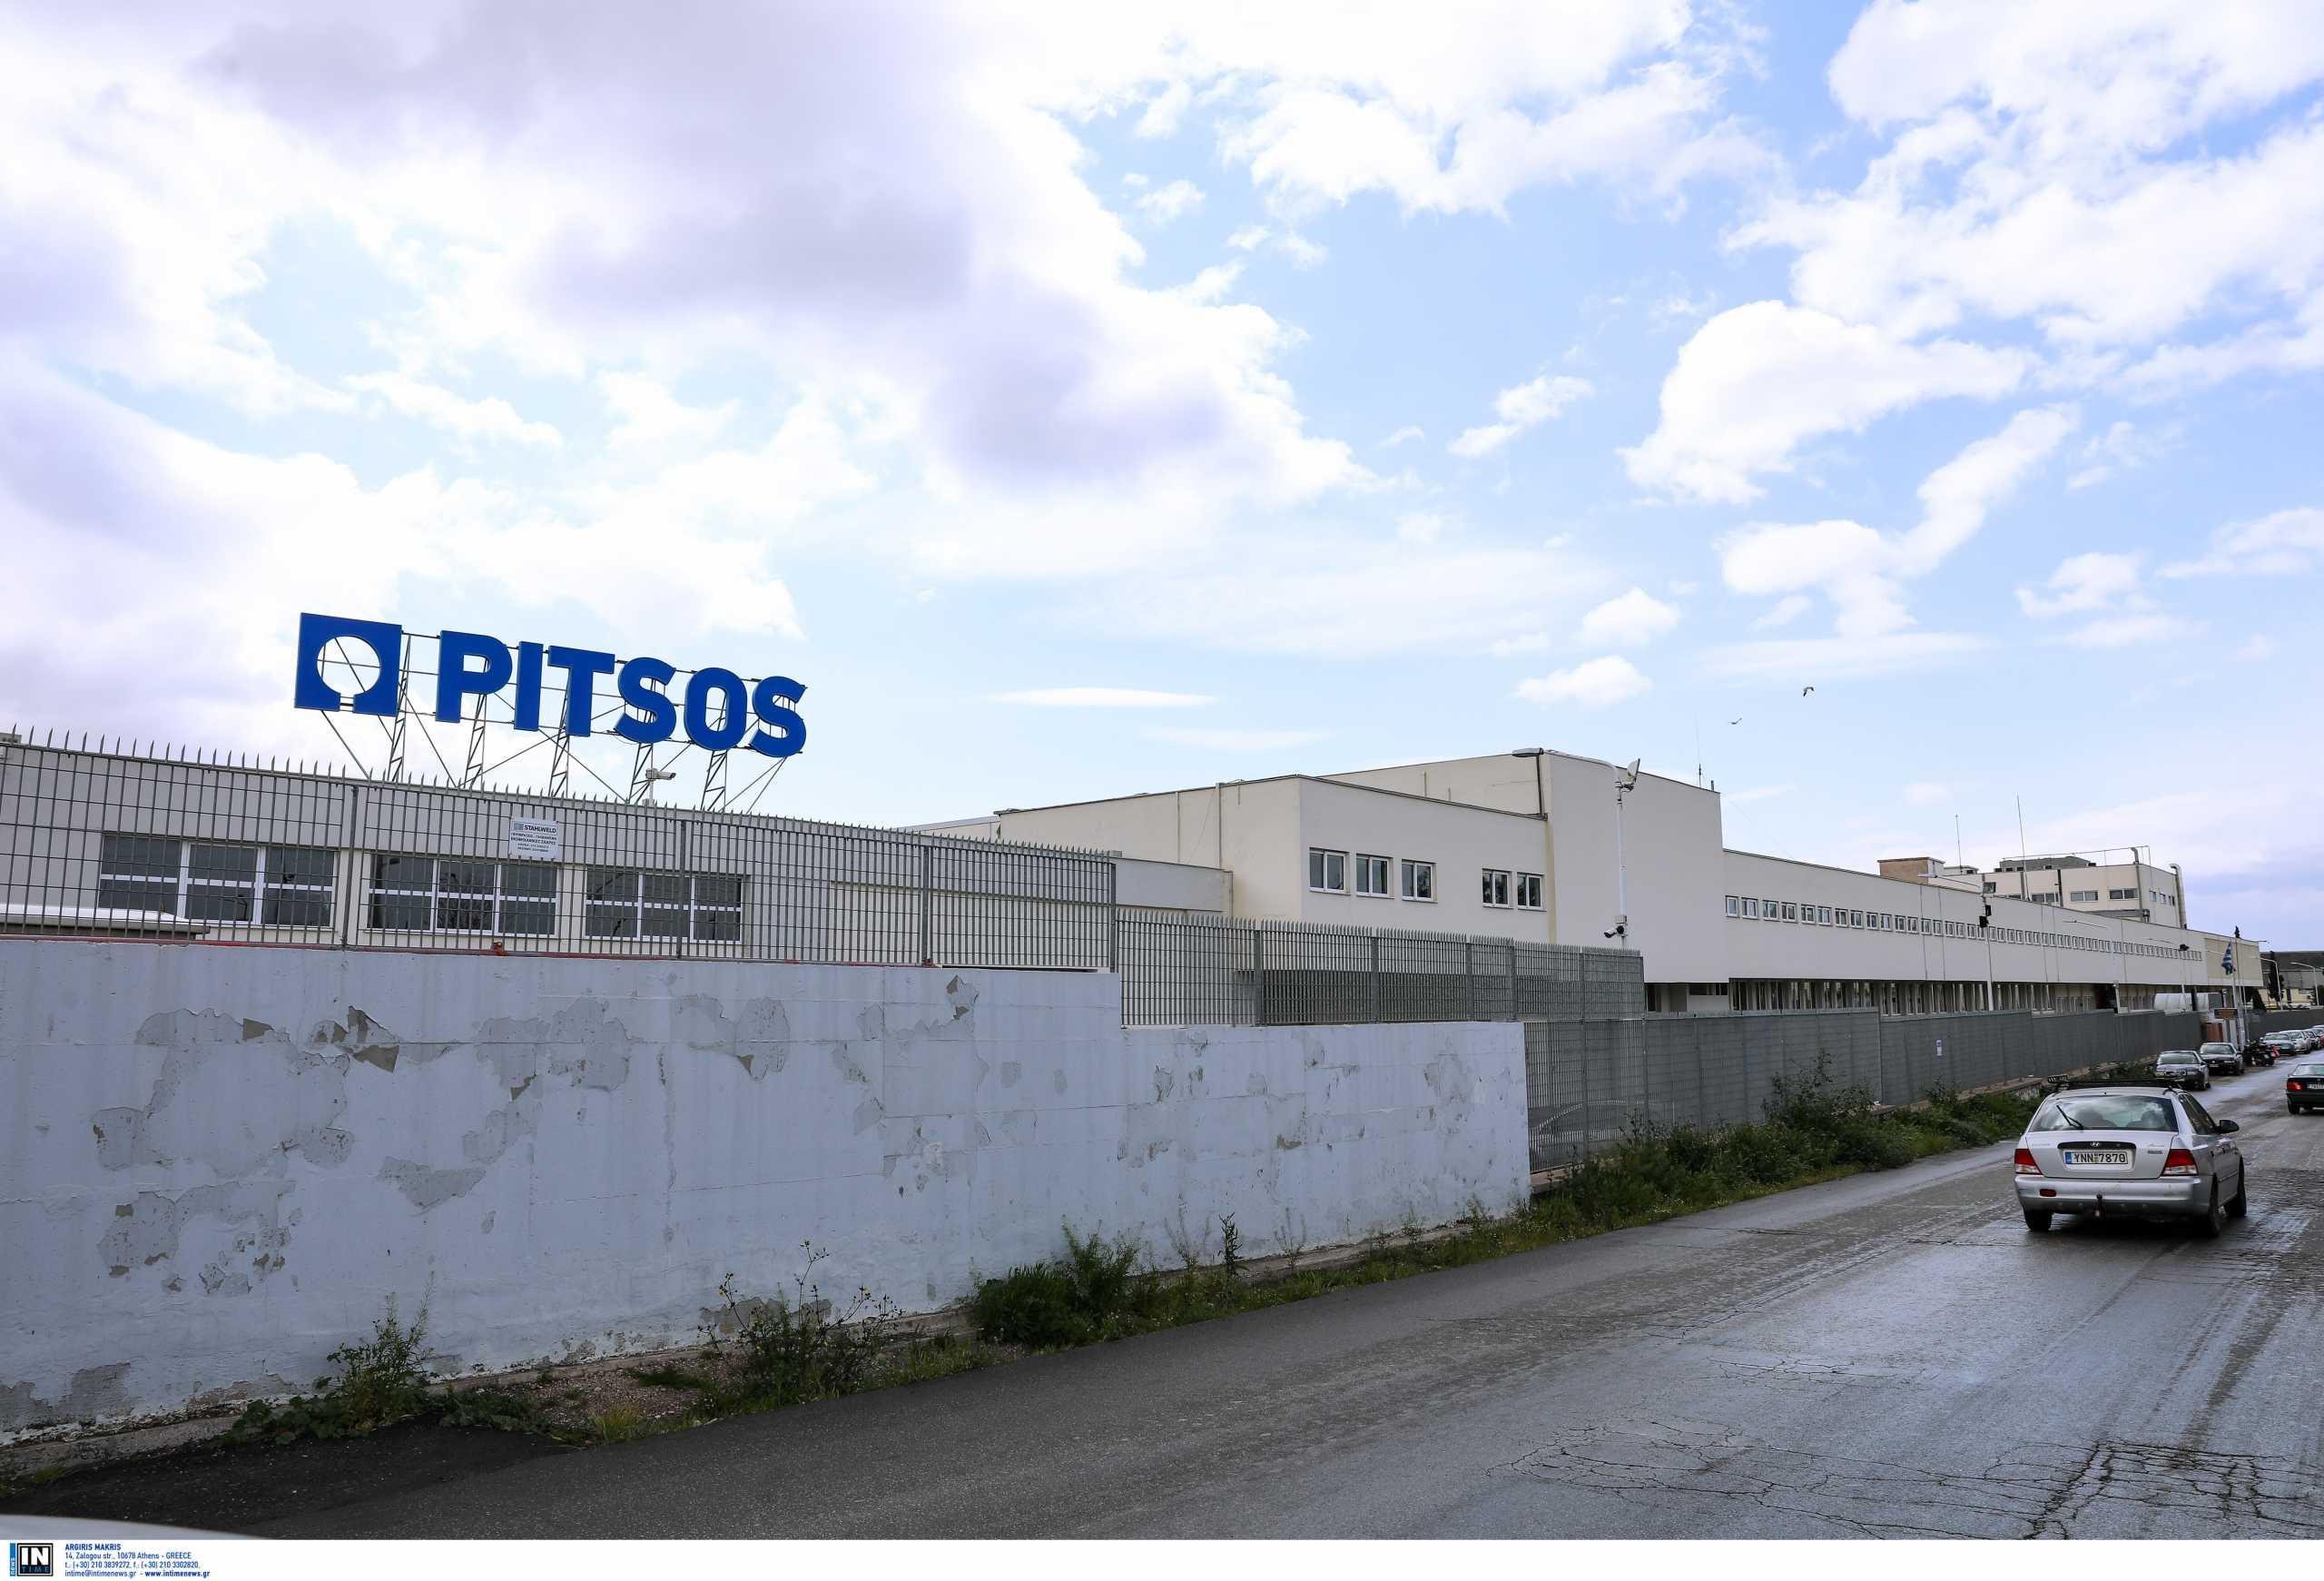 Πίτσος: Το «ναι» των Γερμανών και το σχέδιο τηςPyramisγια αναβίωση της παραγωγής ηλεκτρικών συσκευών